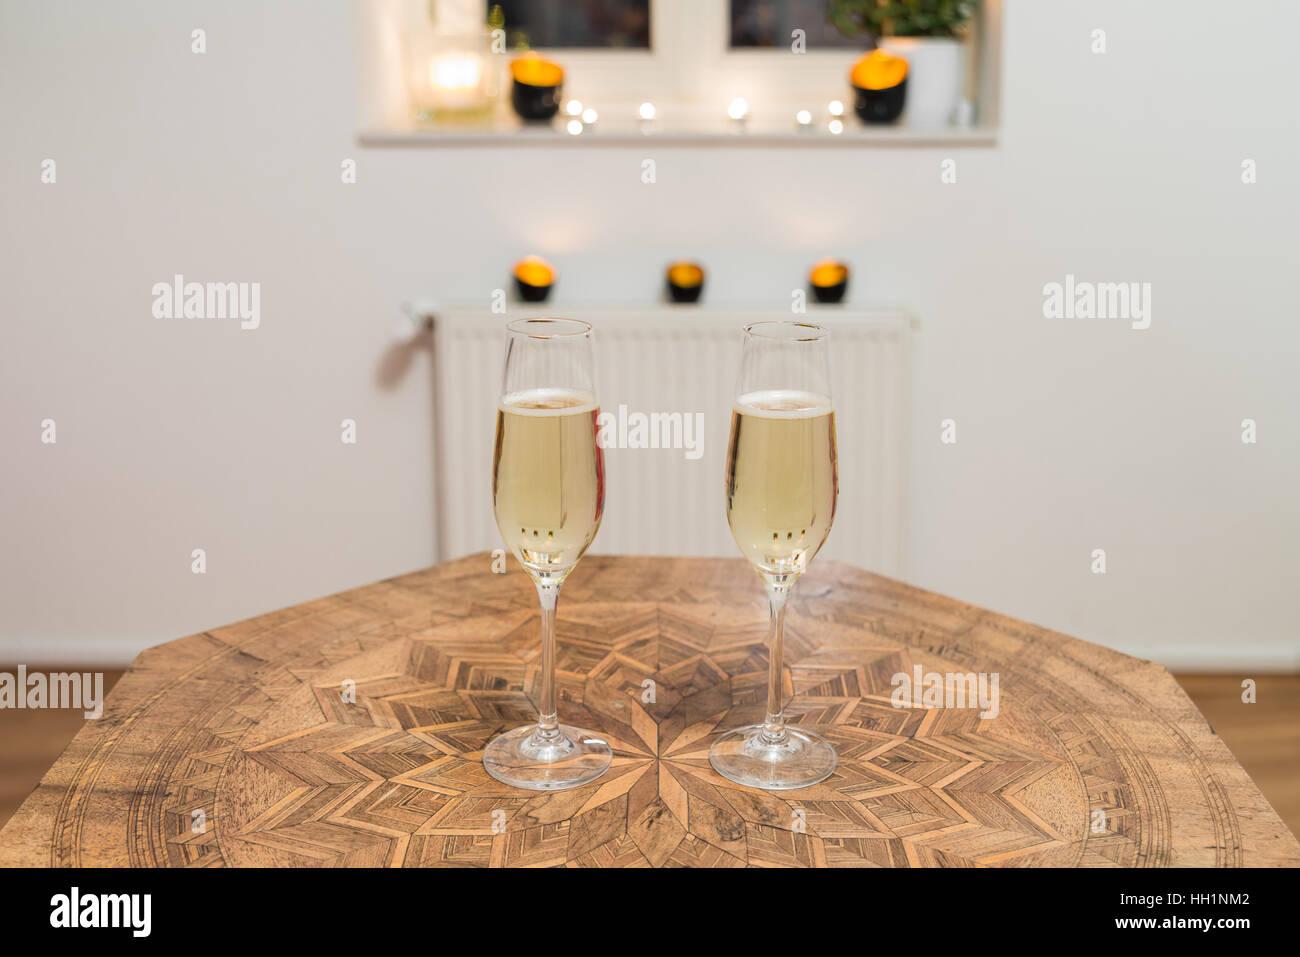 Zwei Gläser gefüllt mit Champagner auf einem antiken Tisch Stockbild